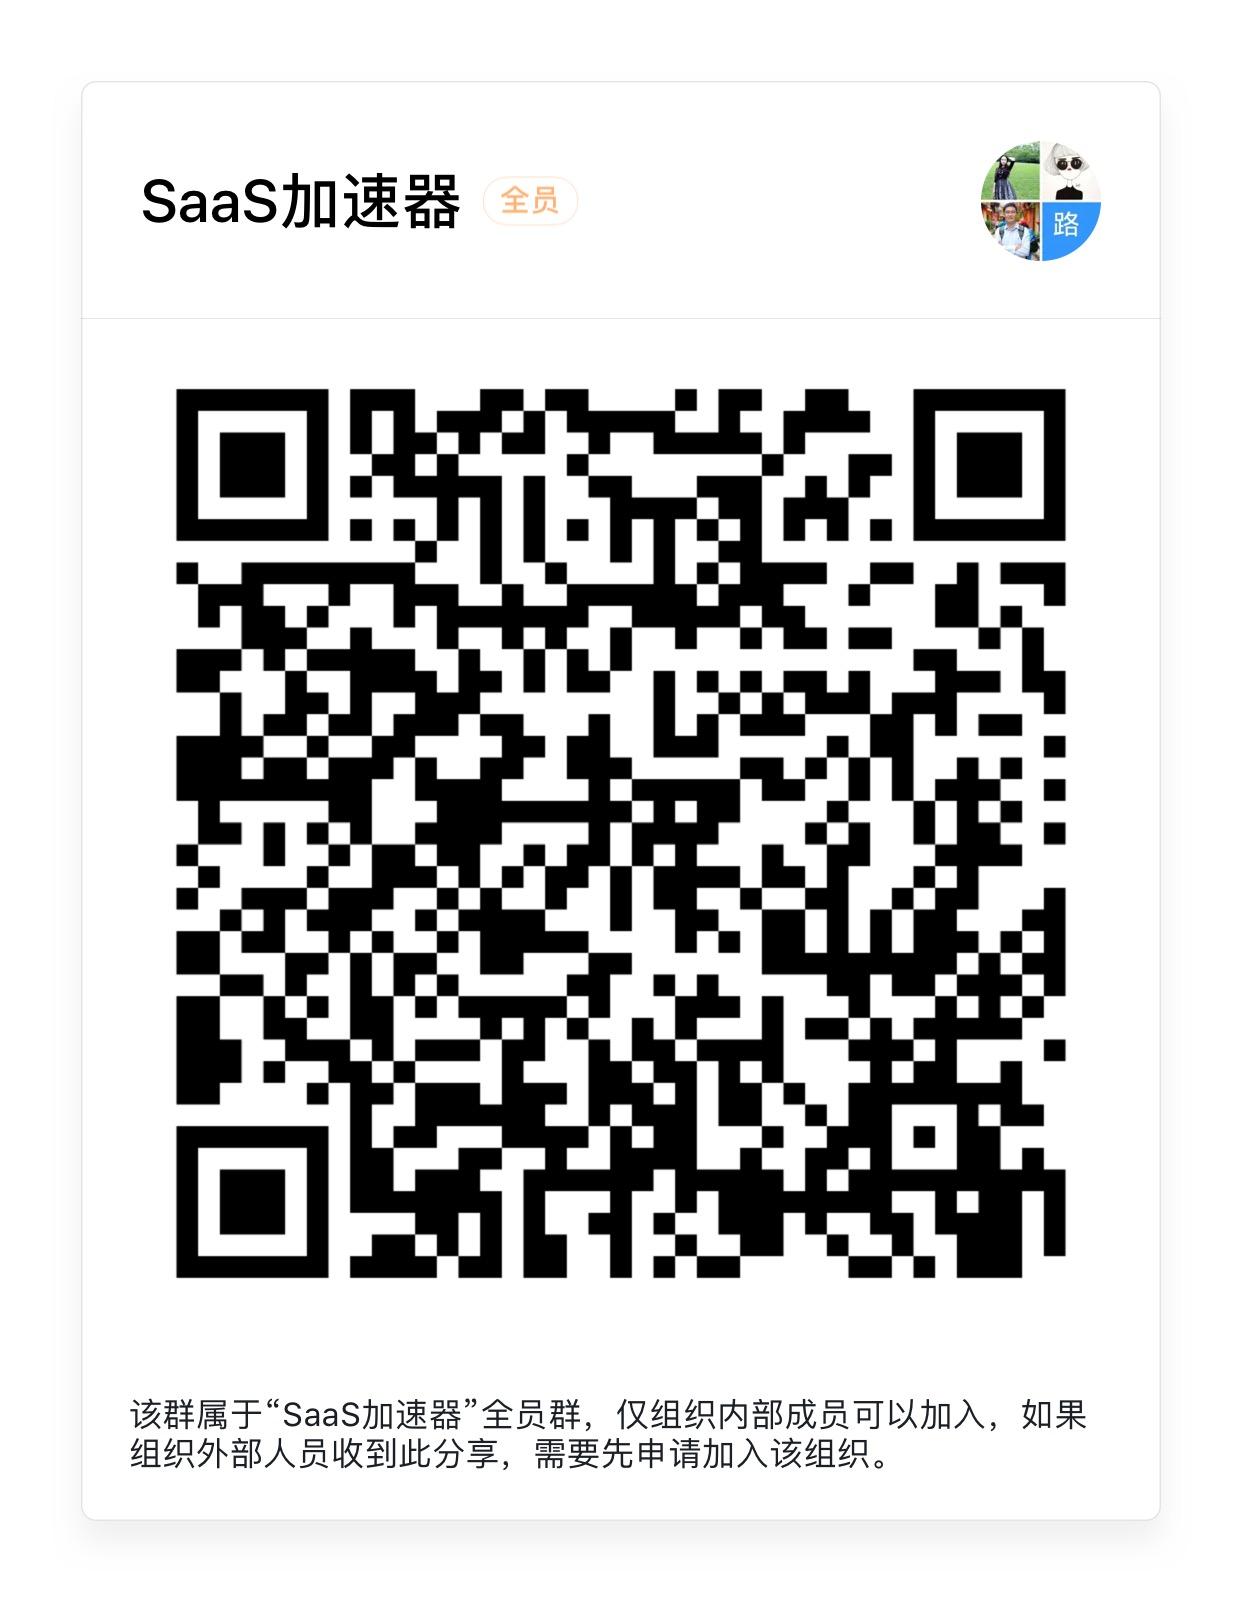 3bbdff851c2940d79730e44d9a99dd76.jpg